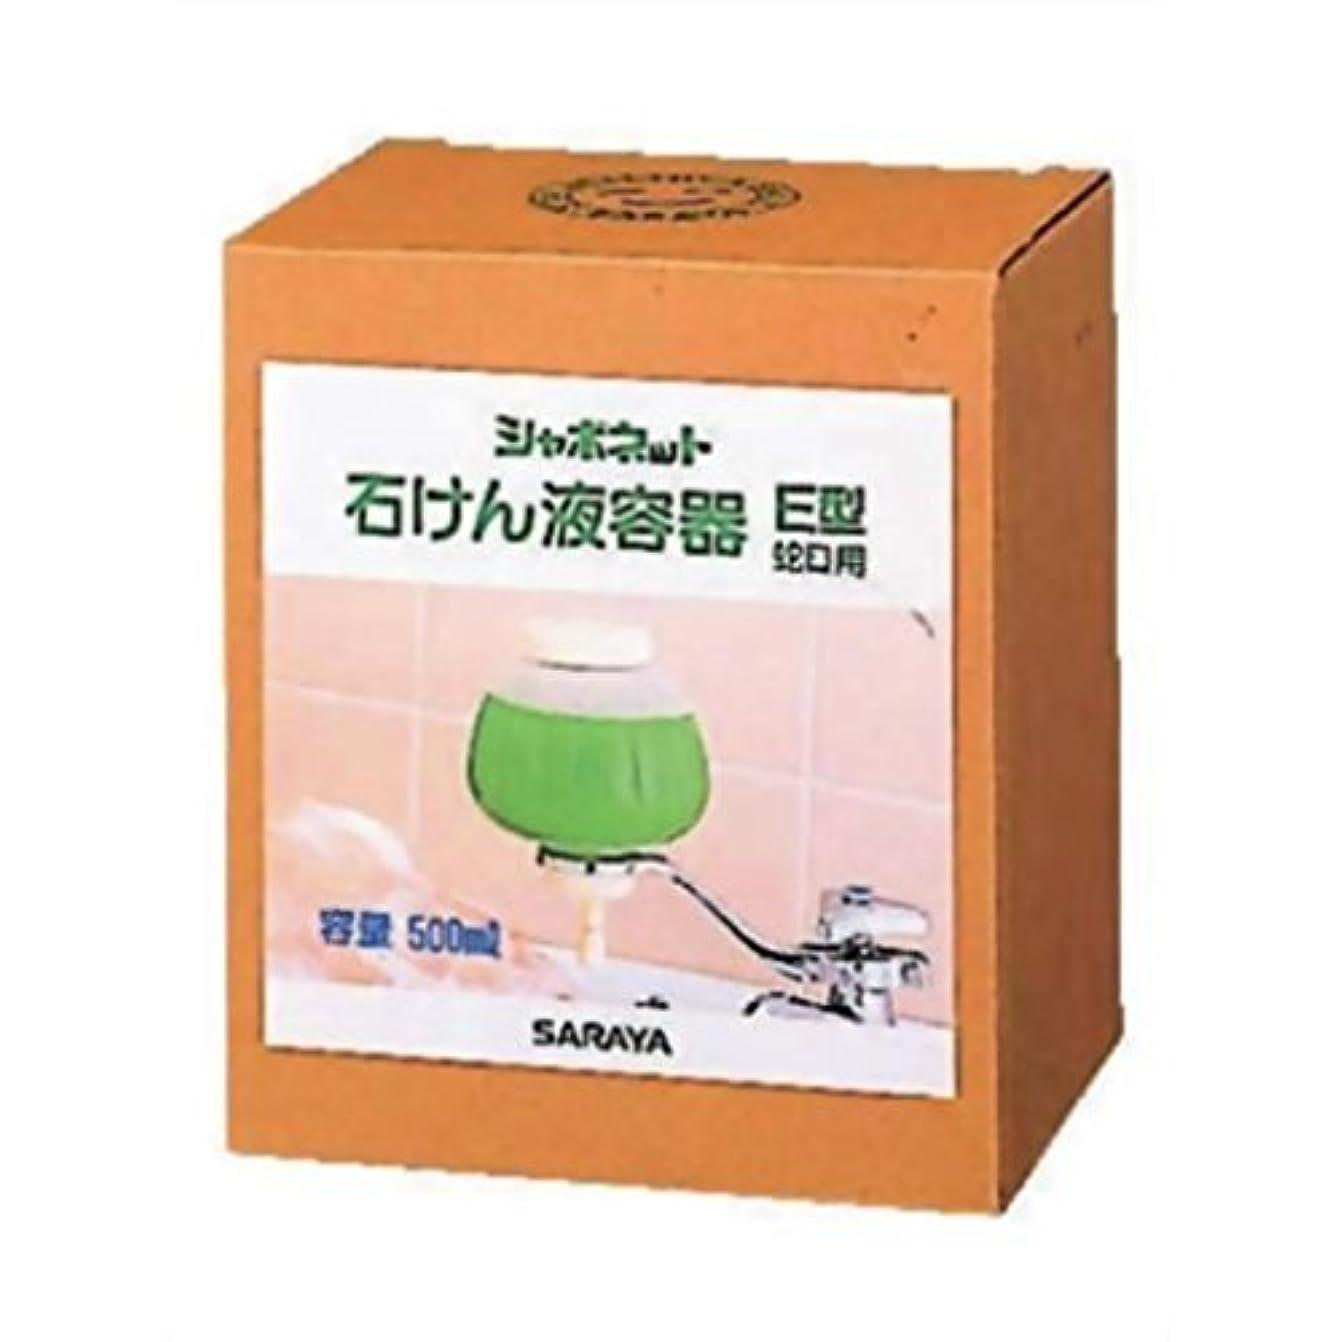 フラフープ動機リテラシー(まとめ買い)サラヤ シャボネット 容器E型蛇口用500ml 【×6セット】